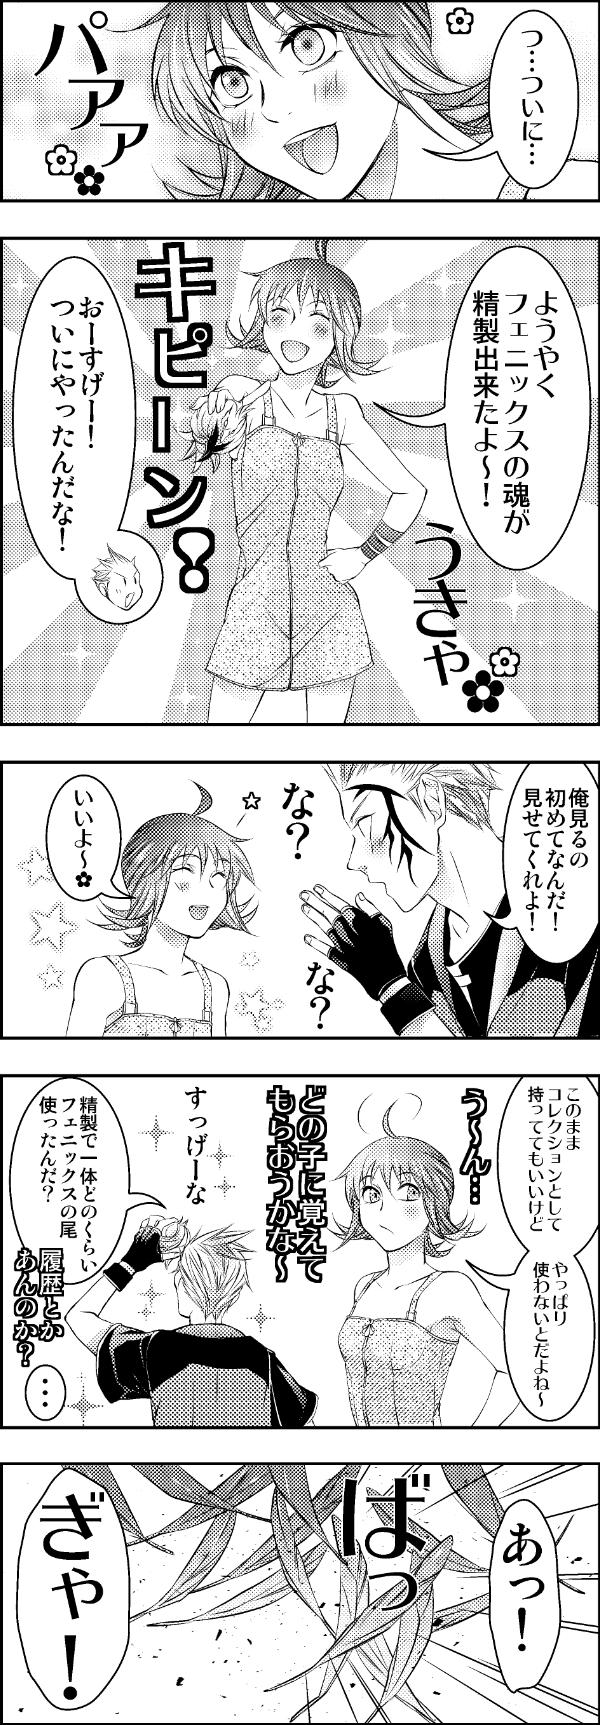 「フェニックス」小ネタ漫画1